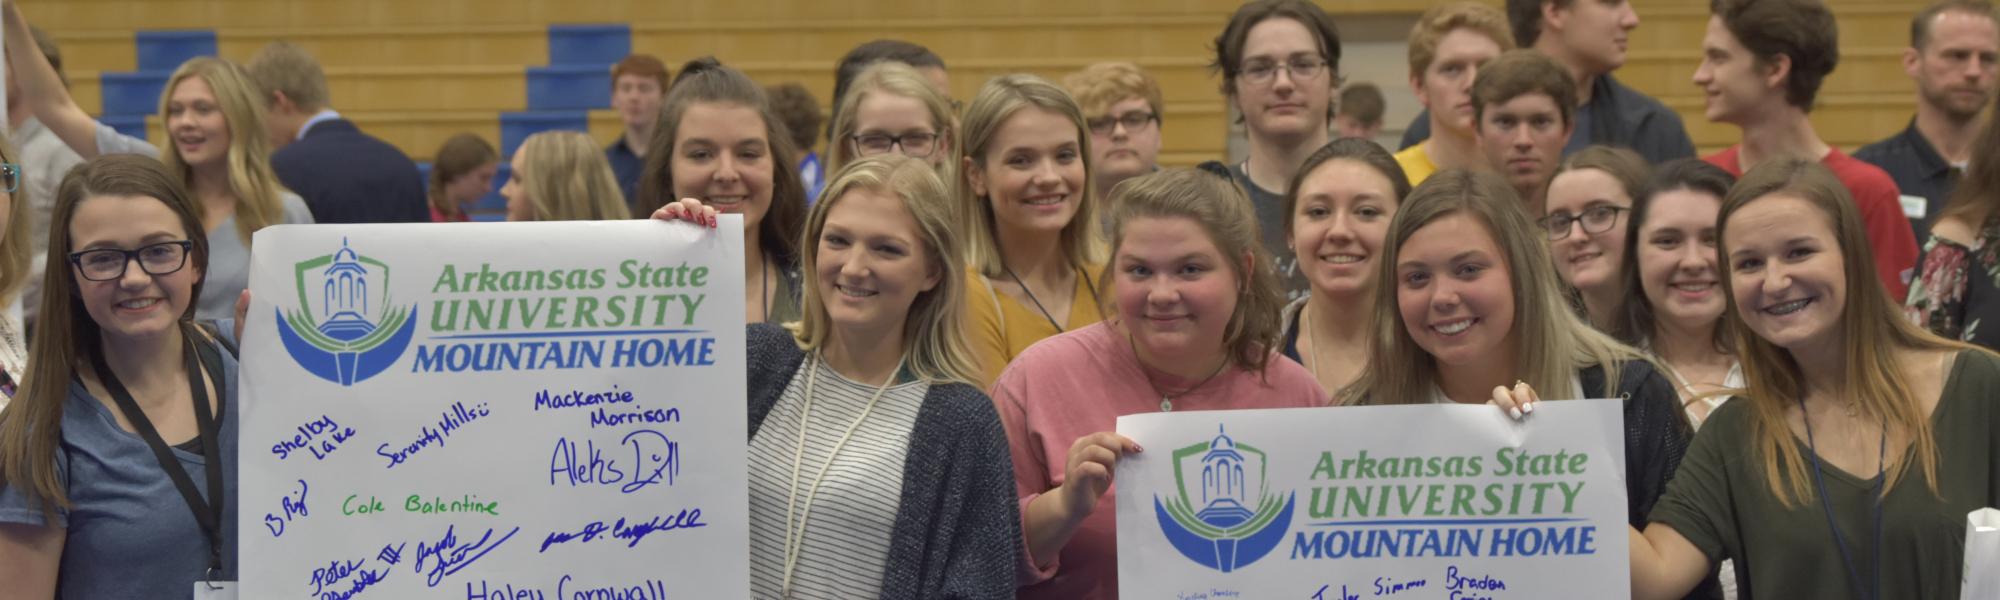 High School Students Arkansas State University Mountain